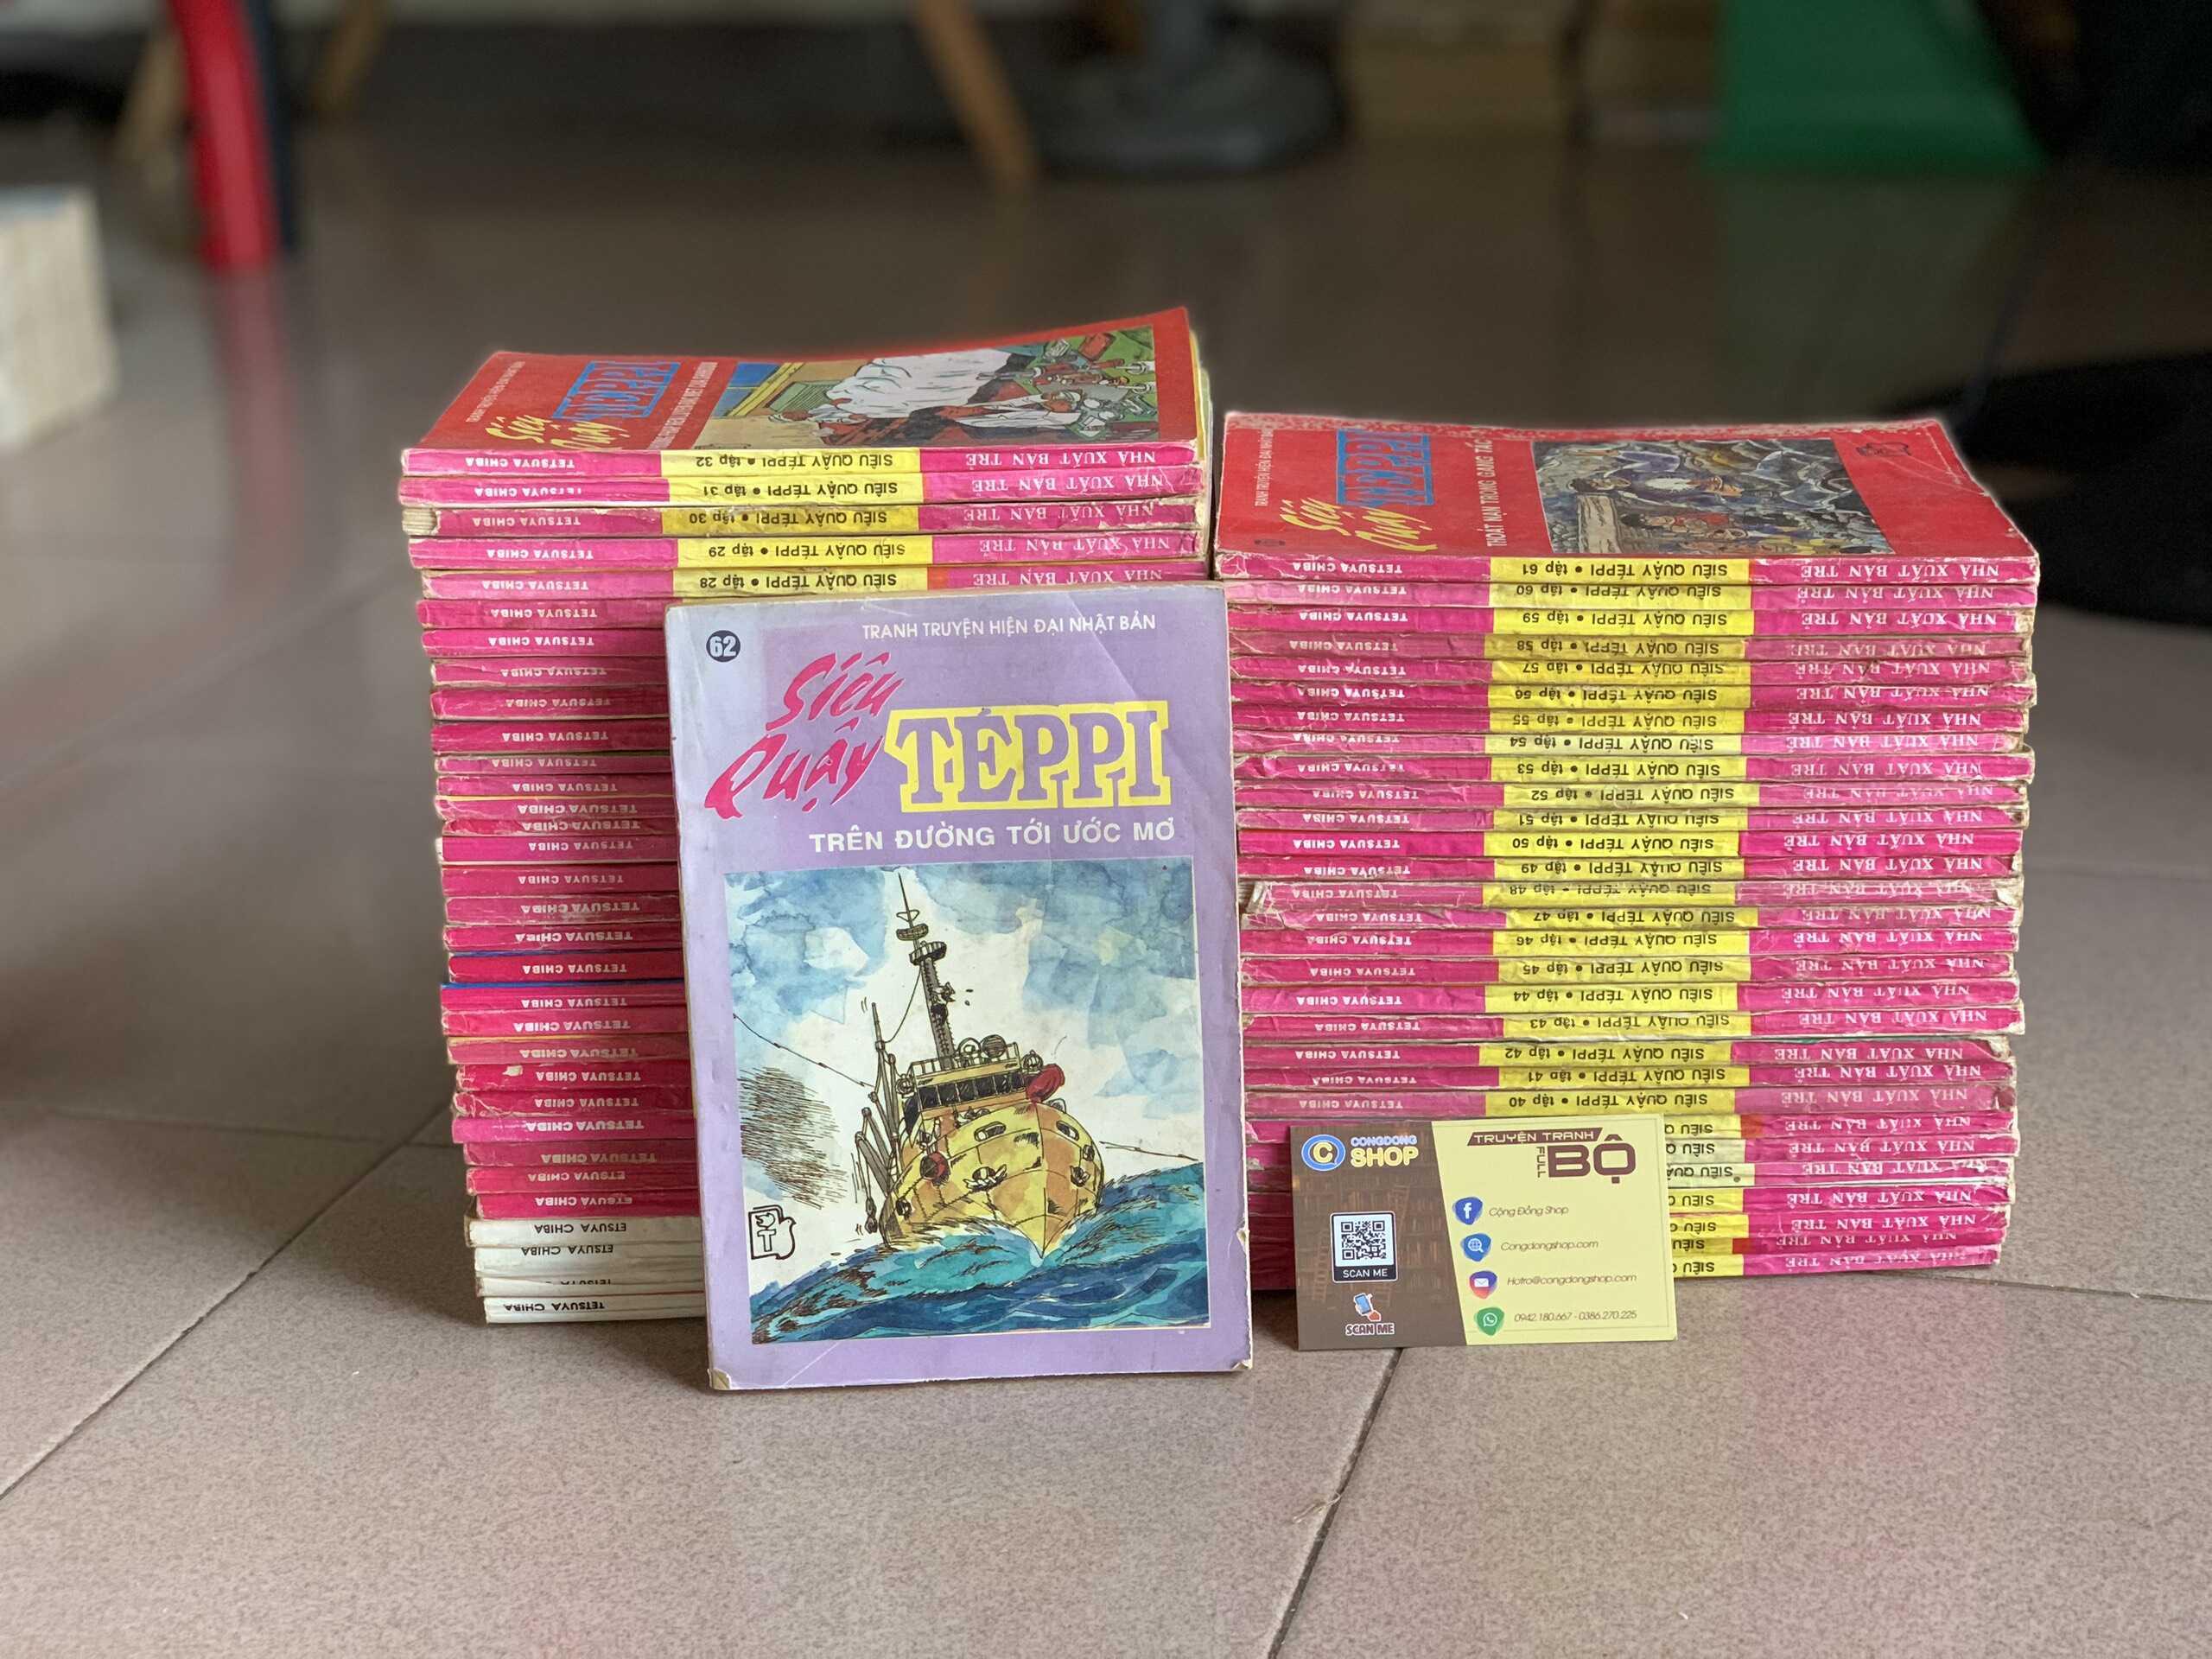 Truyện Siêu quậy Teppi đời đầu 62 tập giá rẻ